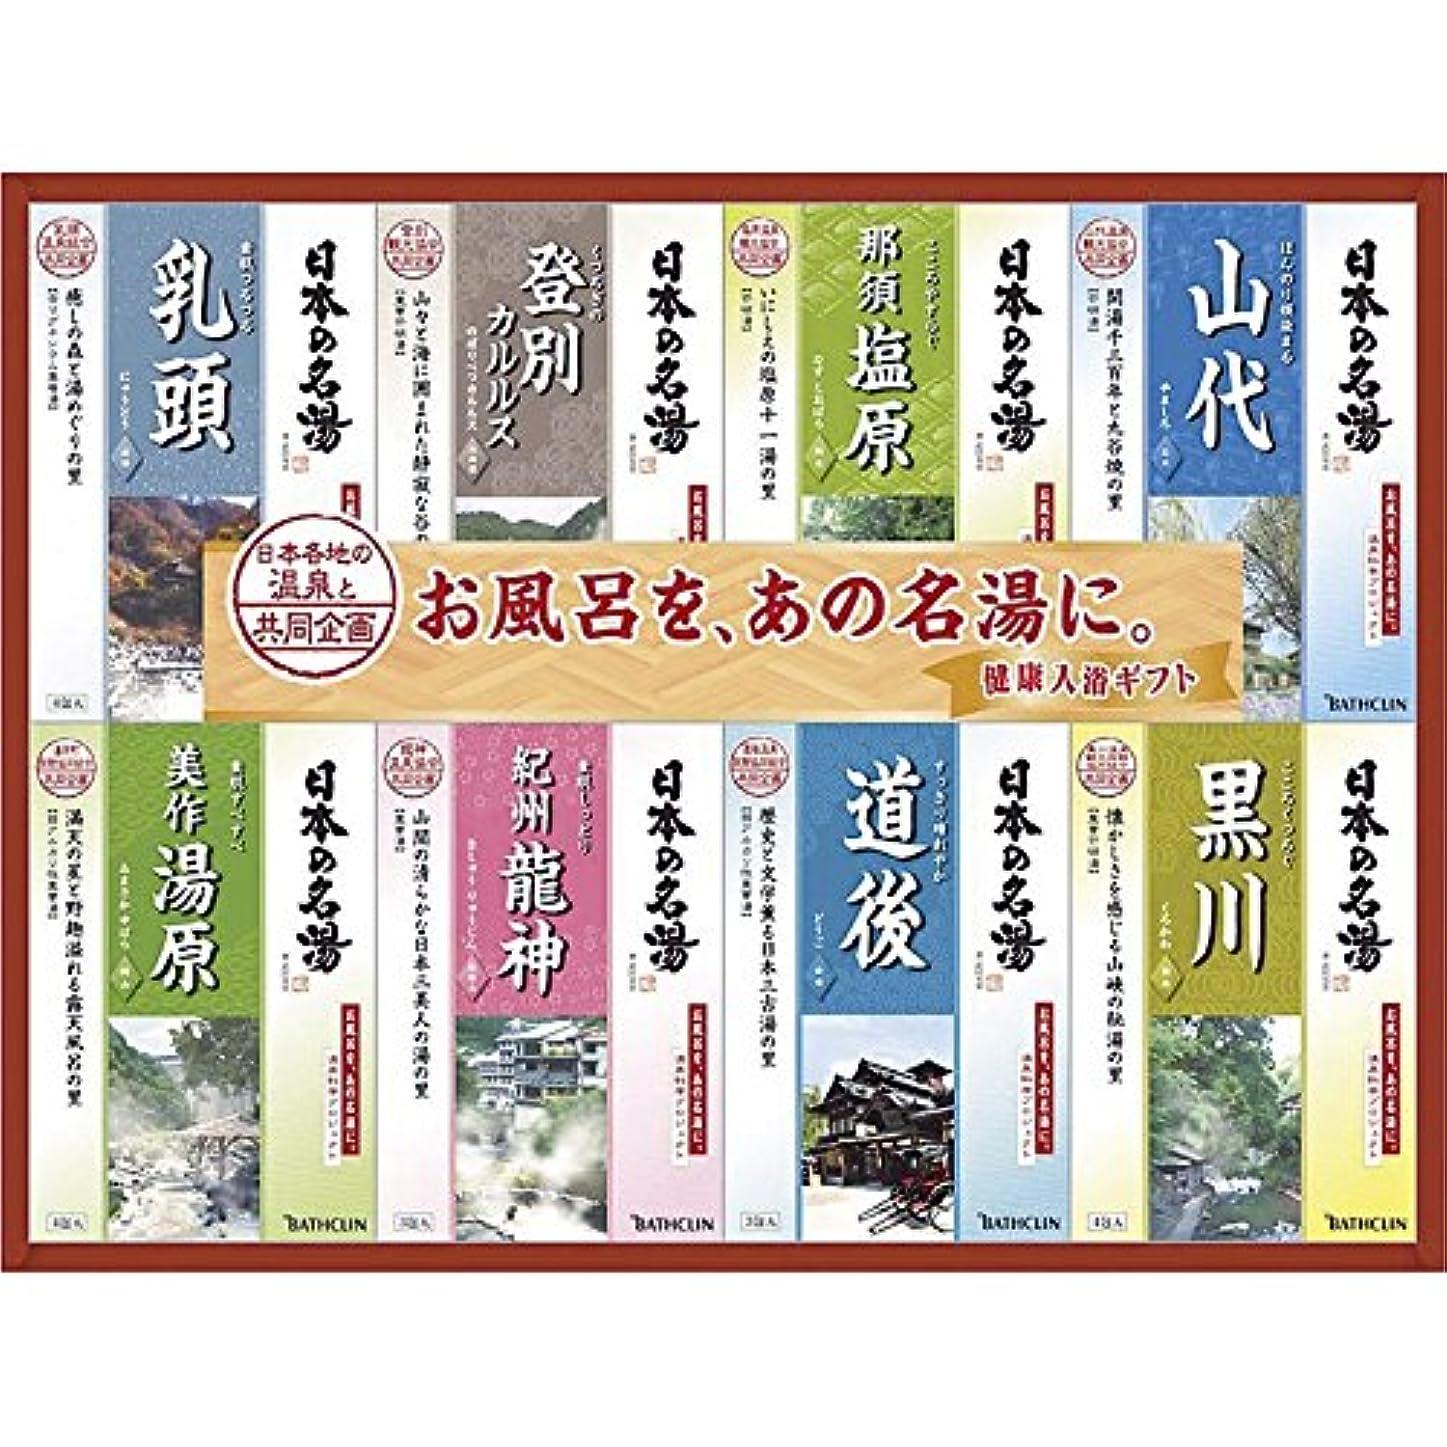 非難する日常的に硬さバスクリン 日本の名湯 ギフトセット NMG-30F 【個包装 セット 詰め合わせ 疲労回復 ご褒美 贅沢 プチギフト 温まる 温泉 粉 ご当地 まとめ買い 名湯 リラックス 美肌 つめあわせ やさしい やすらぎ】